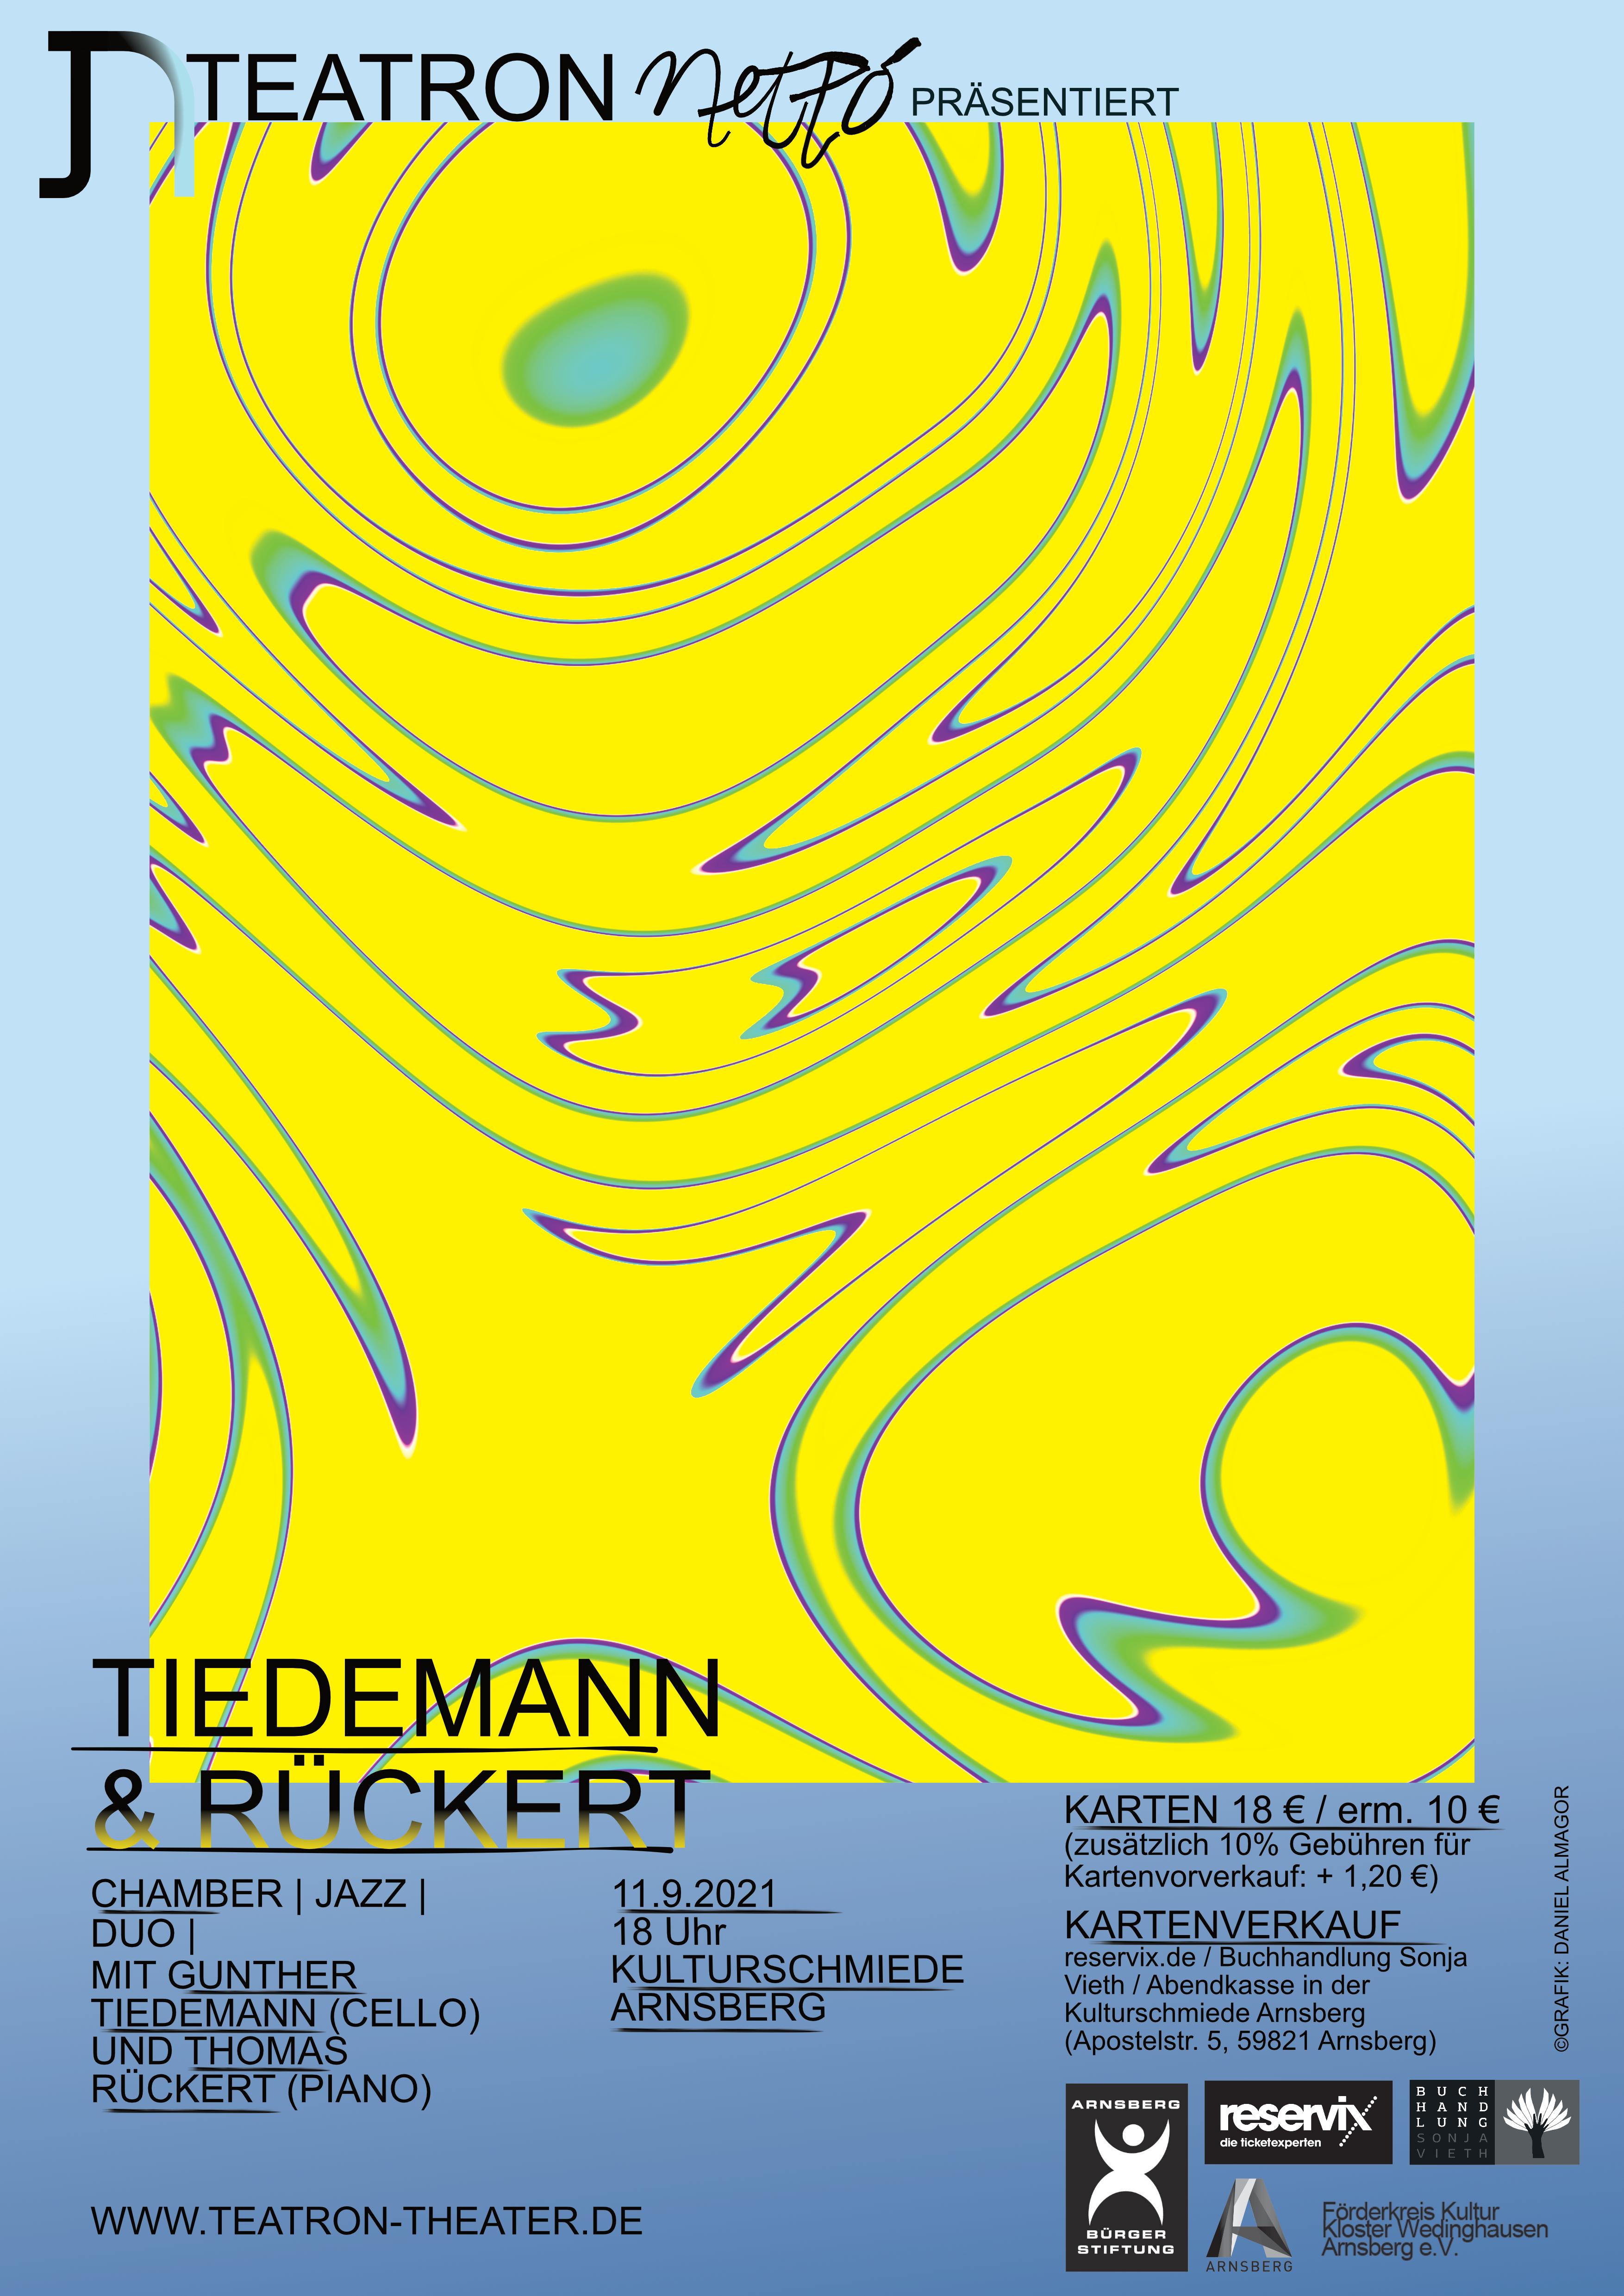 Gunther Tiedemann